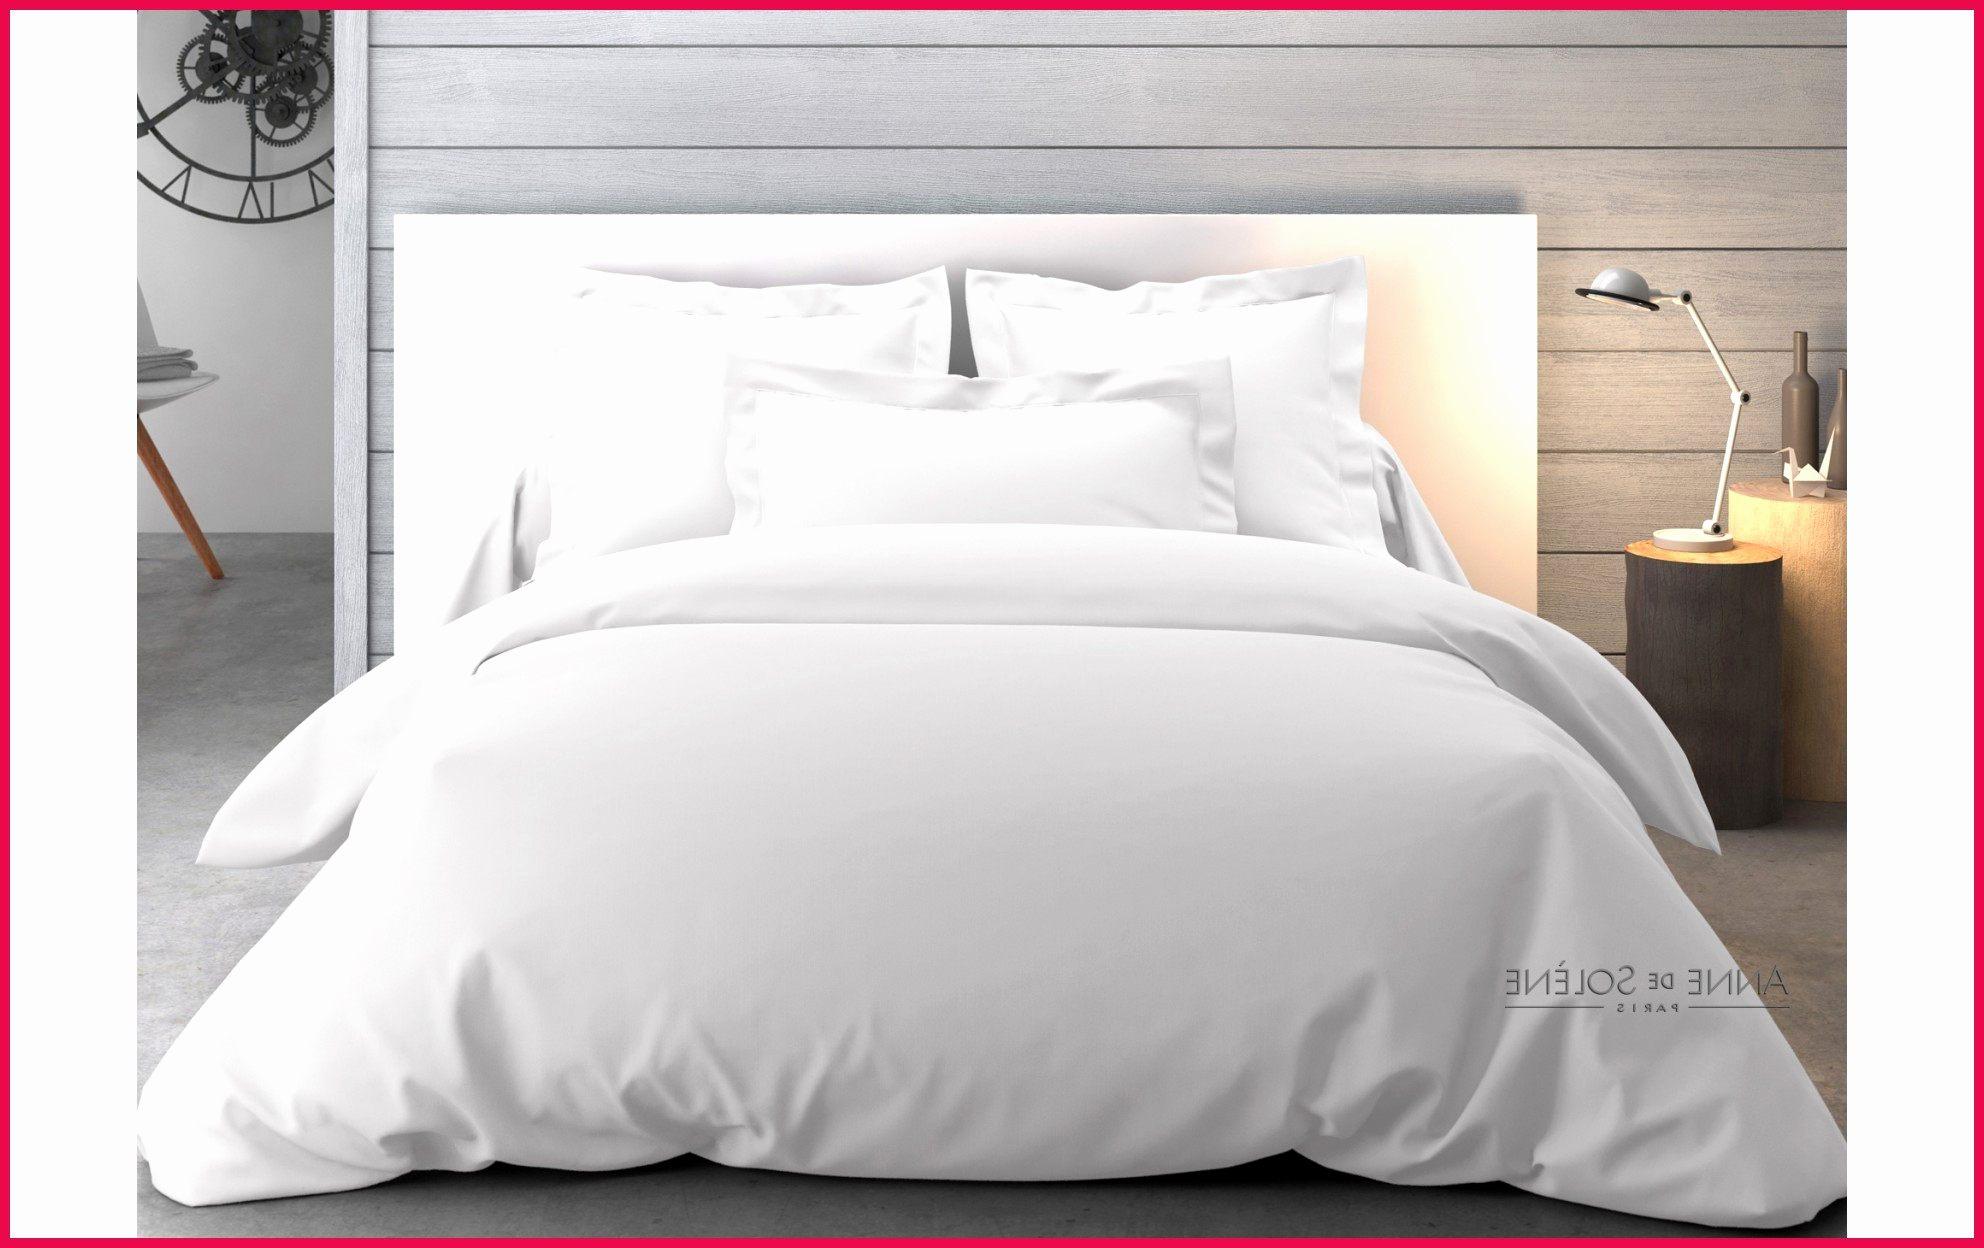 Dimension Couette Pour Lit 160×200 Magnifique Taille De Couette Pour Lit 160—200 Nouveau Couette Lit 160—200